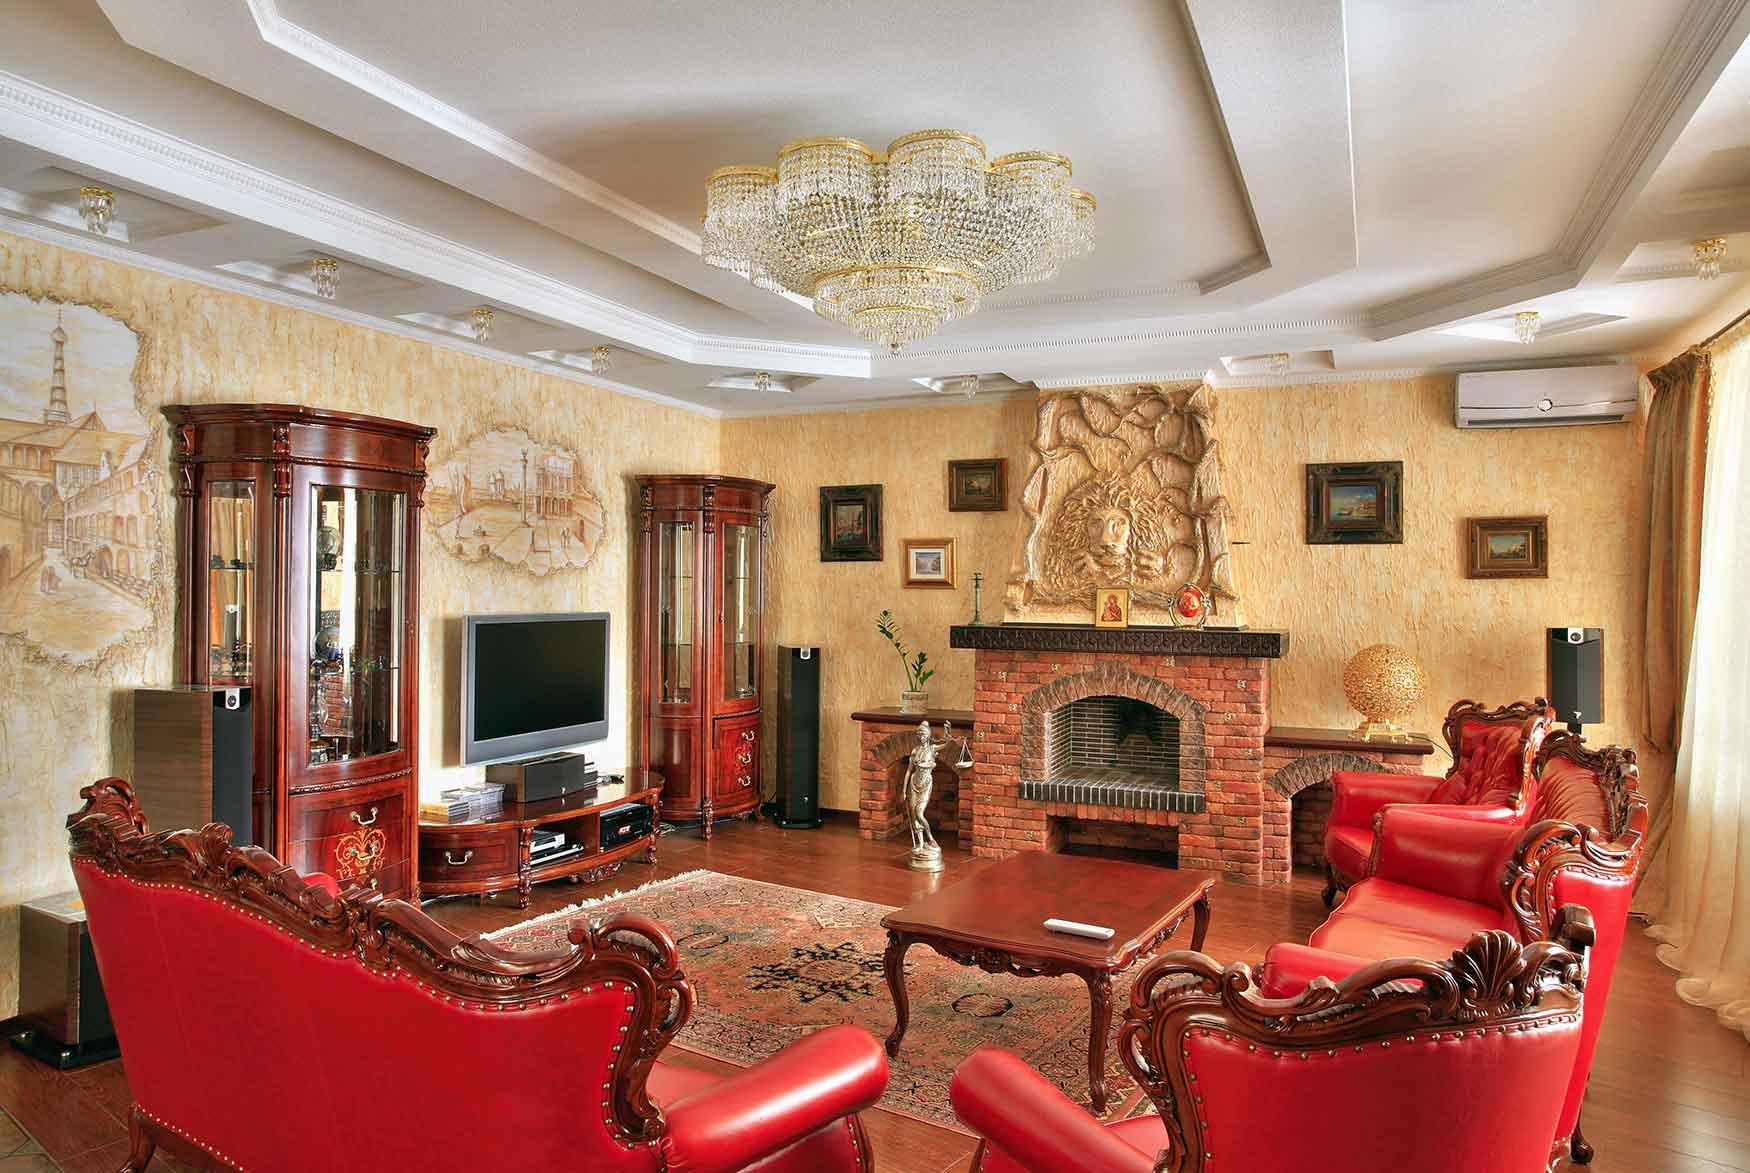 Бежевый, красный и белый цвета в интерьере гостиной в стиле барокко